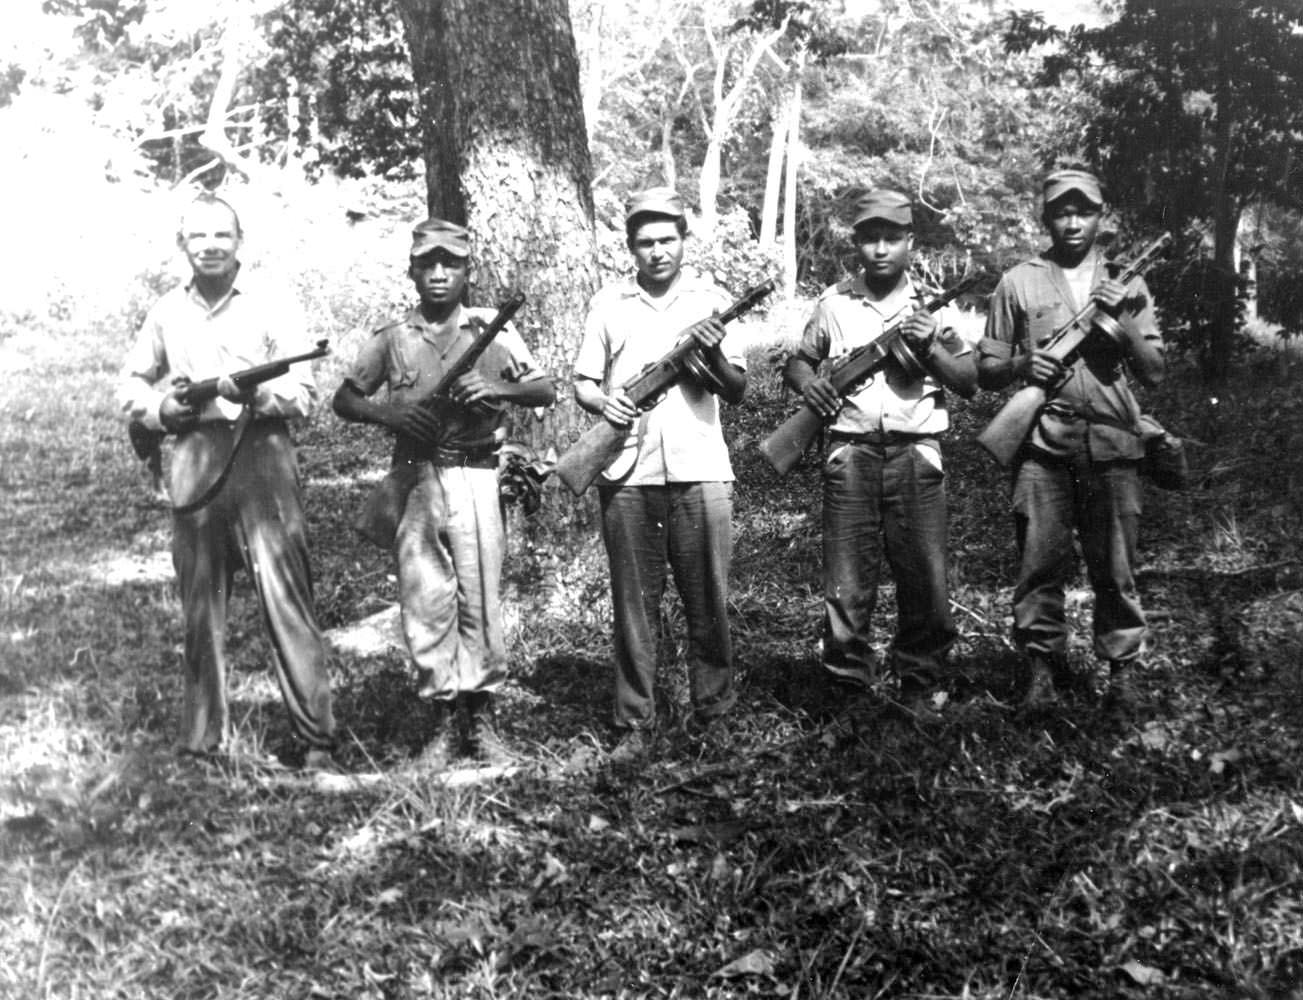 Кубинцы с автоматами ППШ и другой советский солдат - крайний слева.